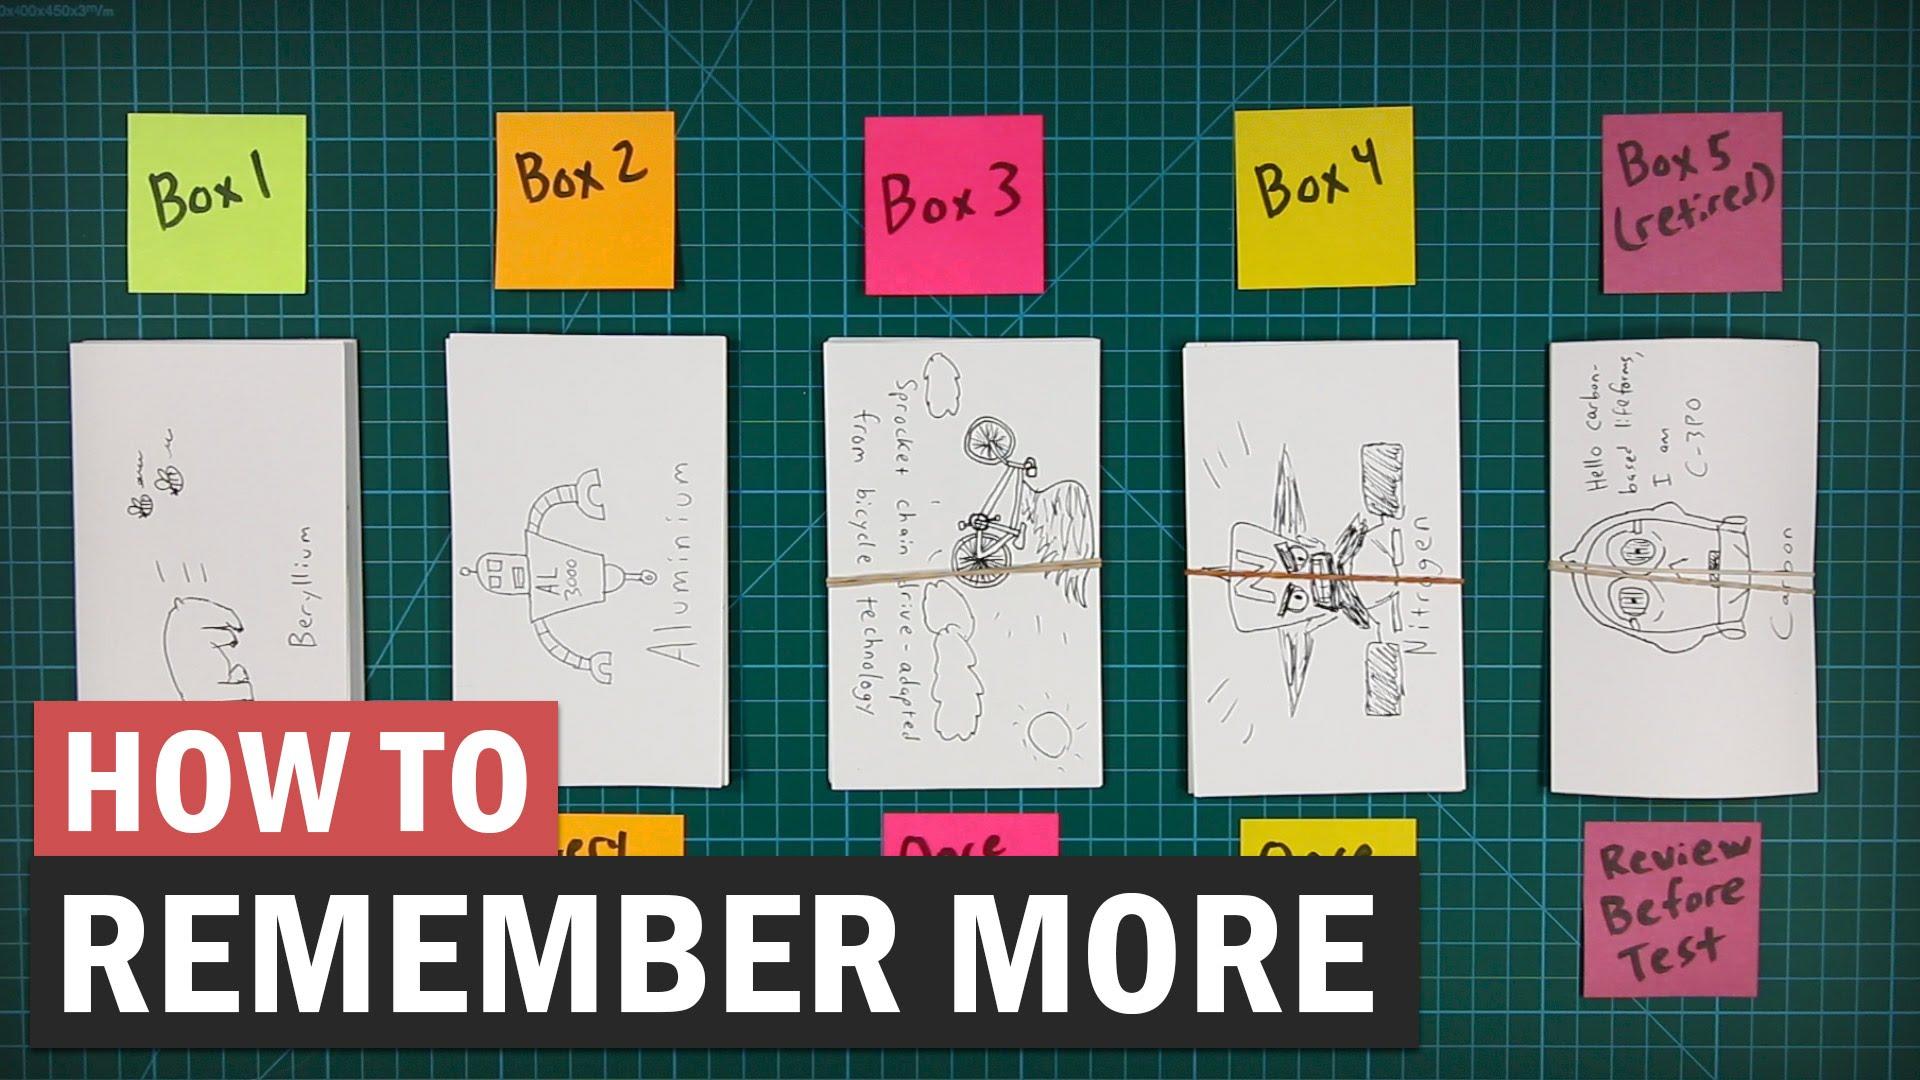 [Thomas Frank] Cách Hiệu Quả Nhất Để Nhớ Những Thứ Bạn Học -- The Most Powerful Way to Remember What You Study